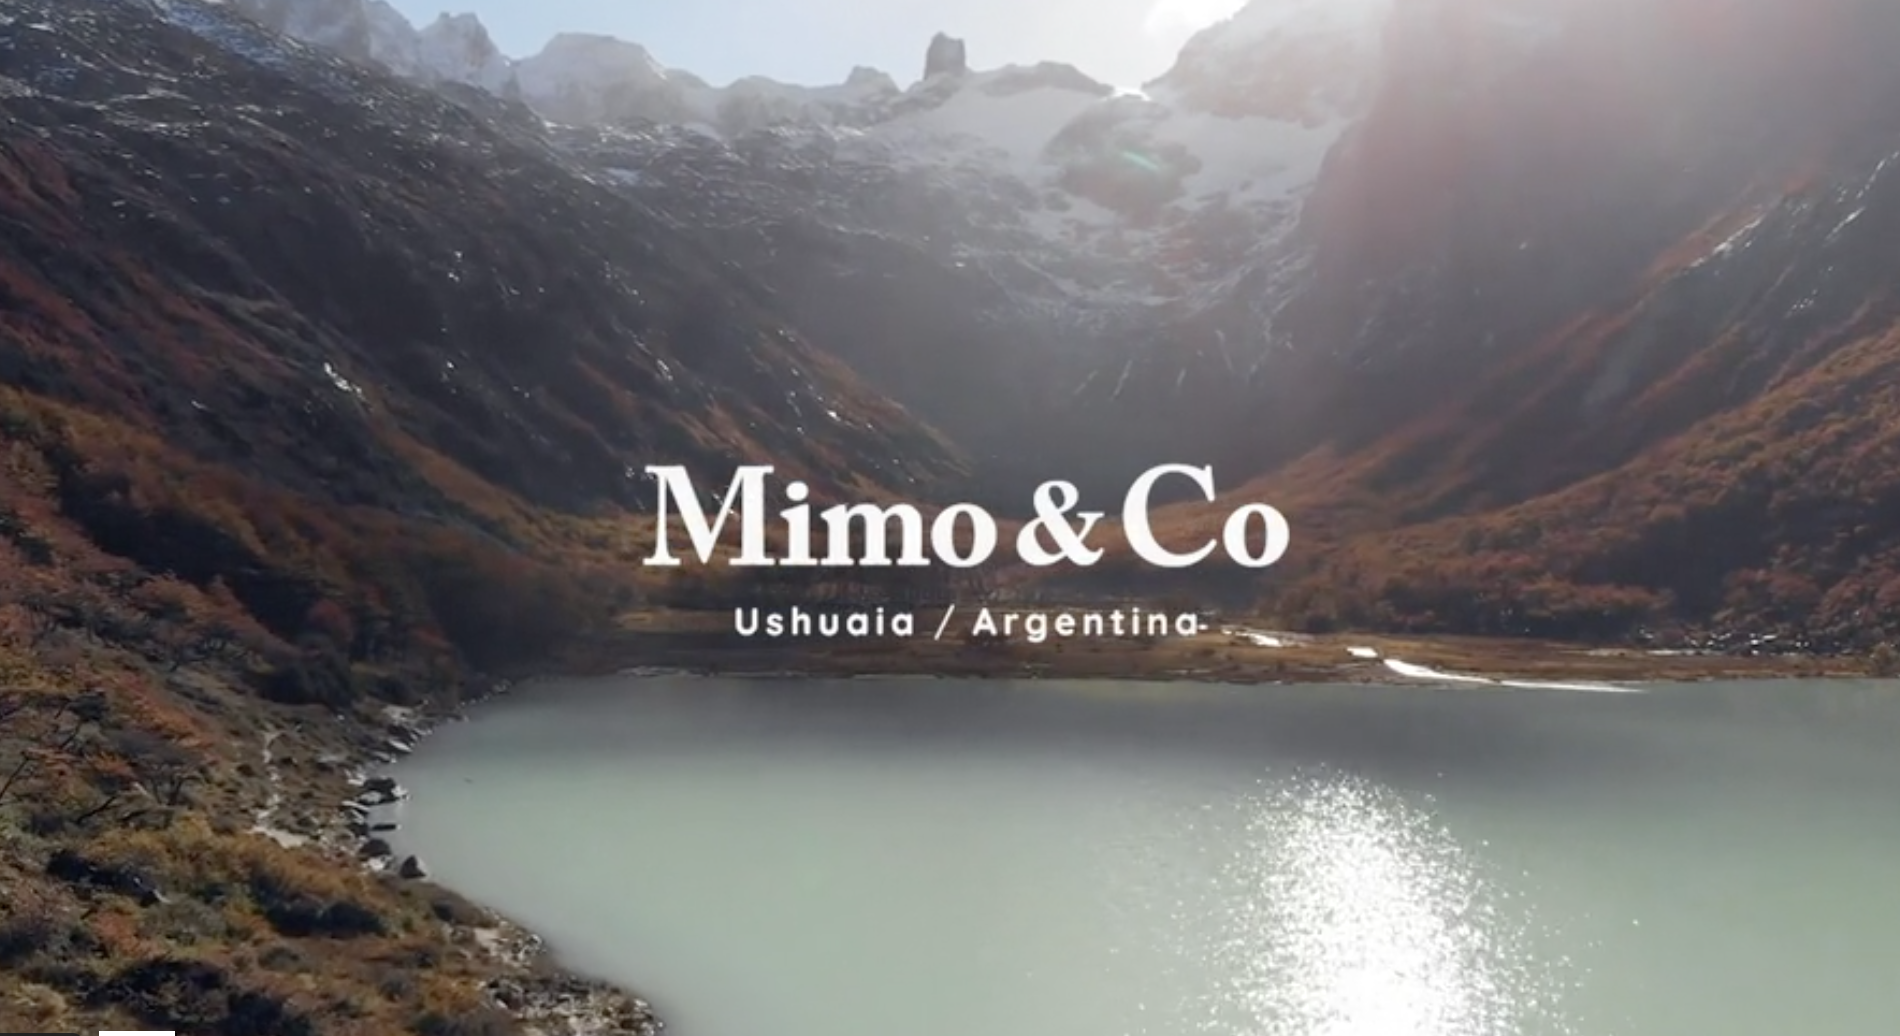 <b>Mimo & Co Ushuaia invierno 2020</b>